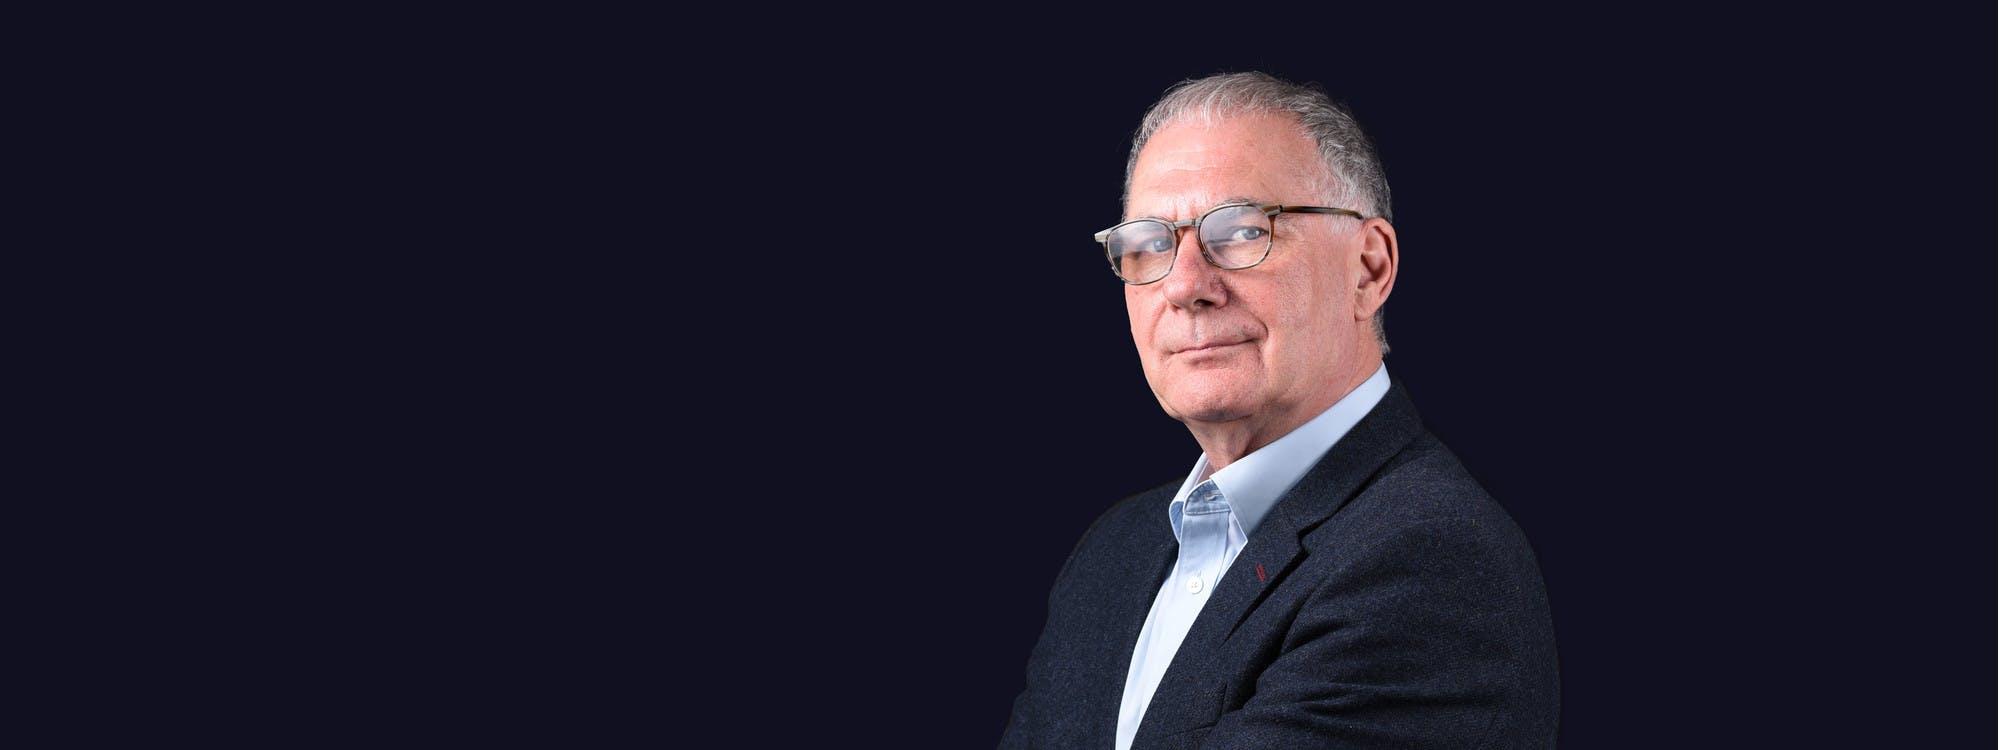 Stuart Forbes, Director & Co-Owner